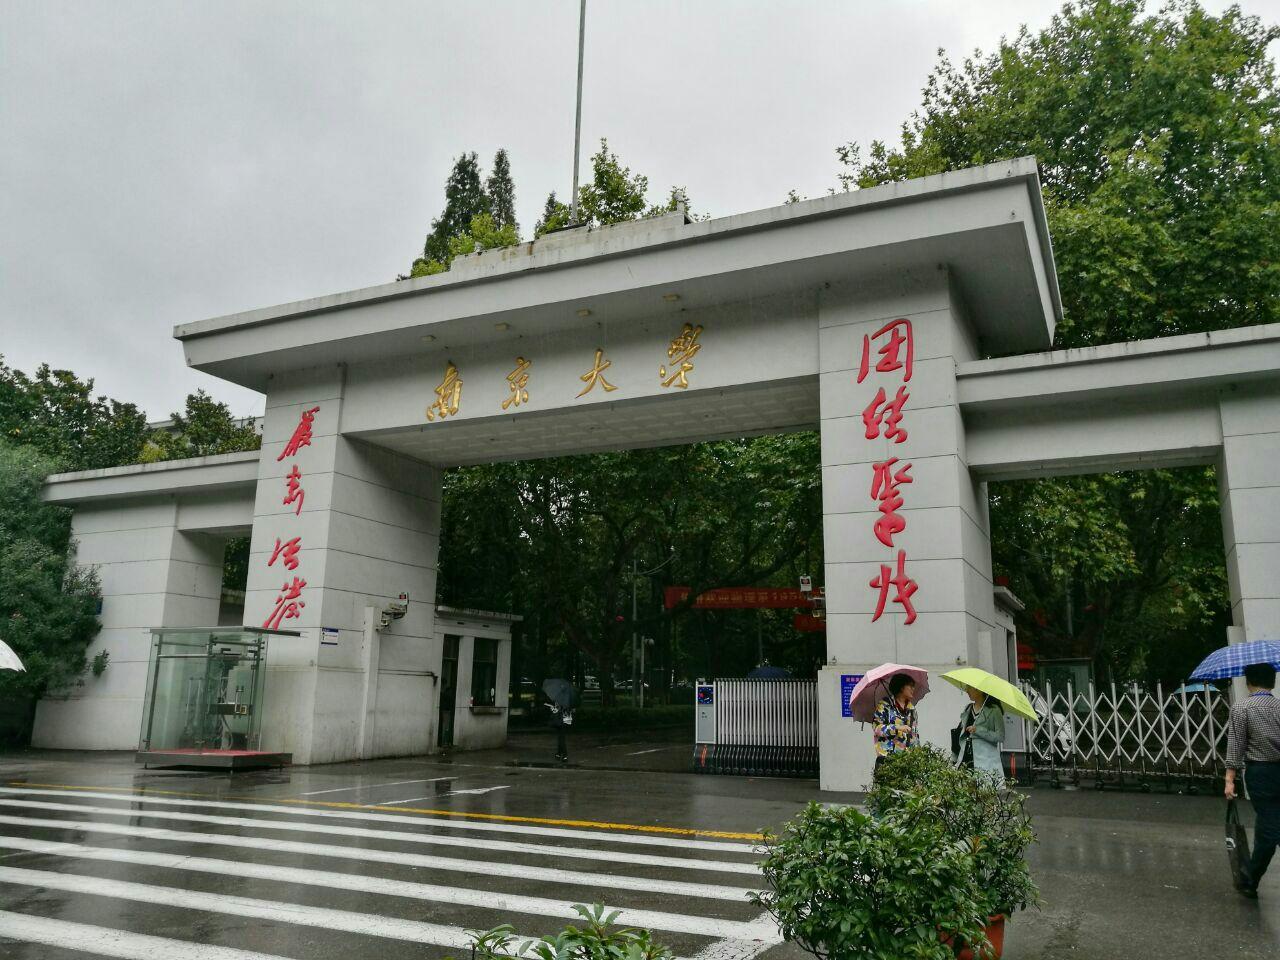 南京大学旅游景点攻略图北京十一月v略图攻略图片